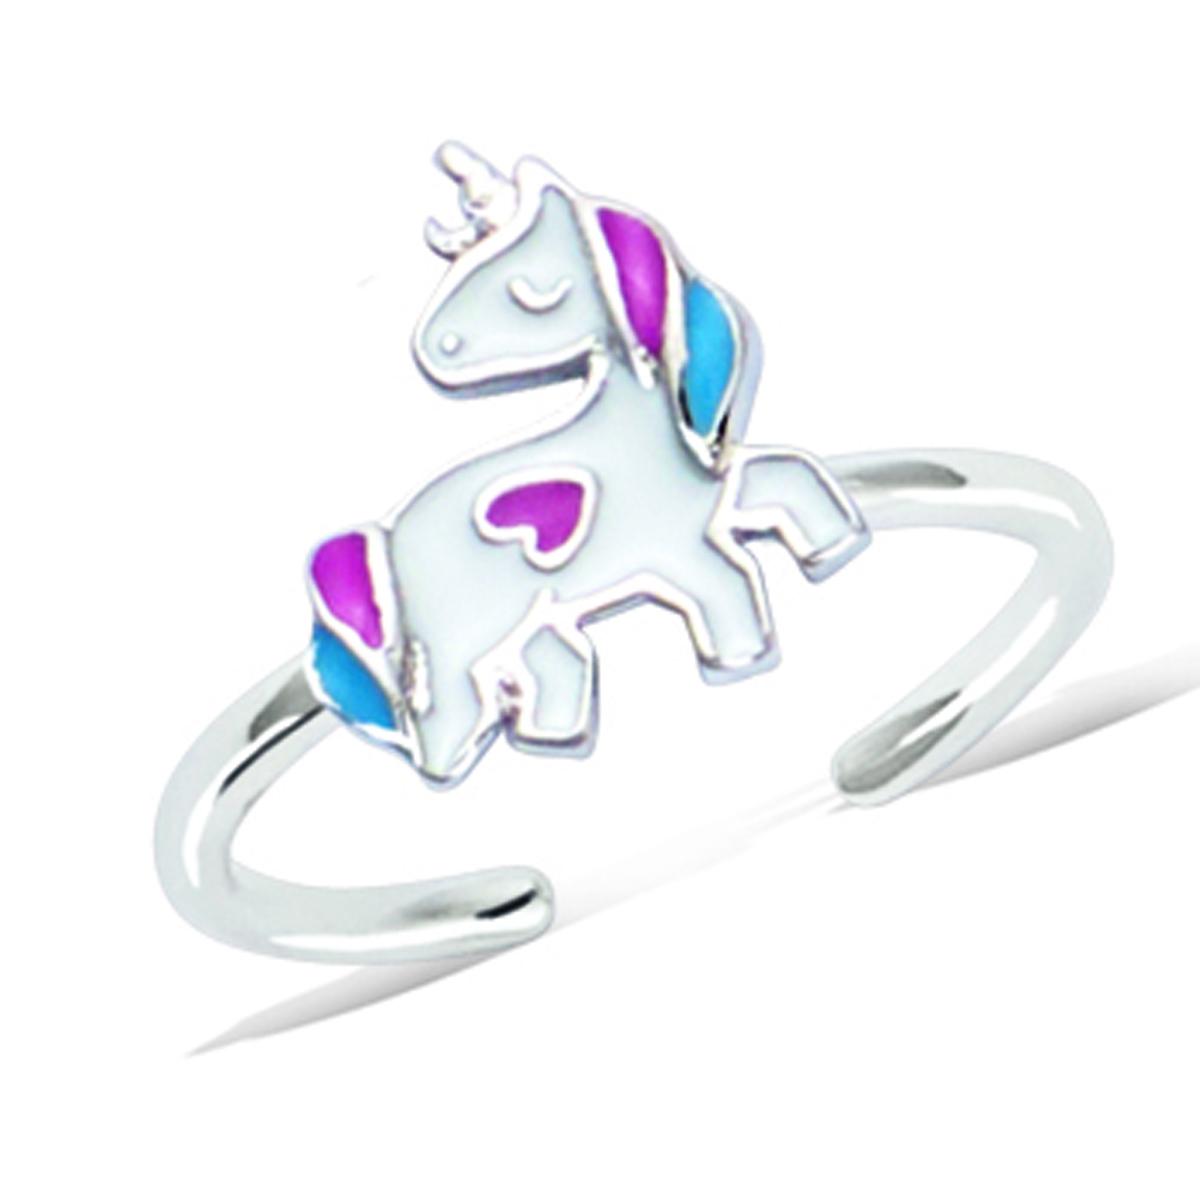 Bague argent enfant \'Licorne My Unicorn\' rose bleu argenté (rhodié) - [Q7522]